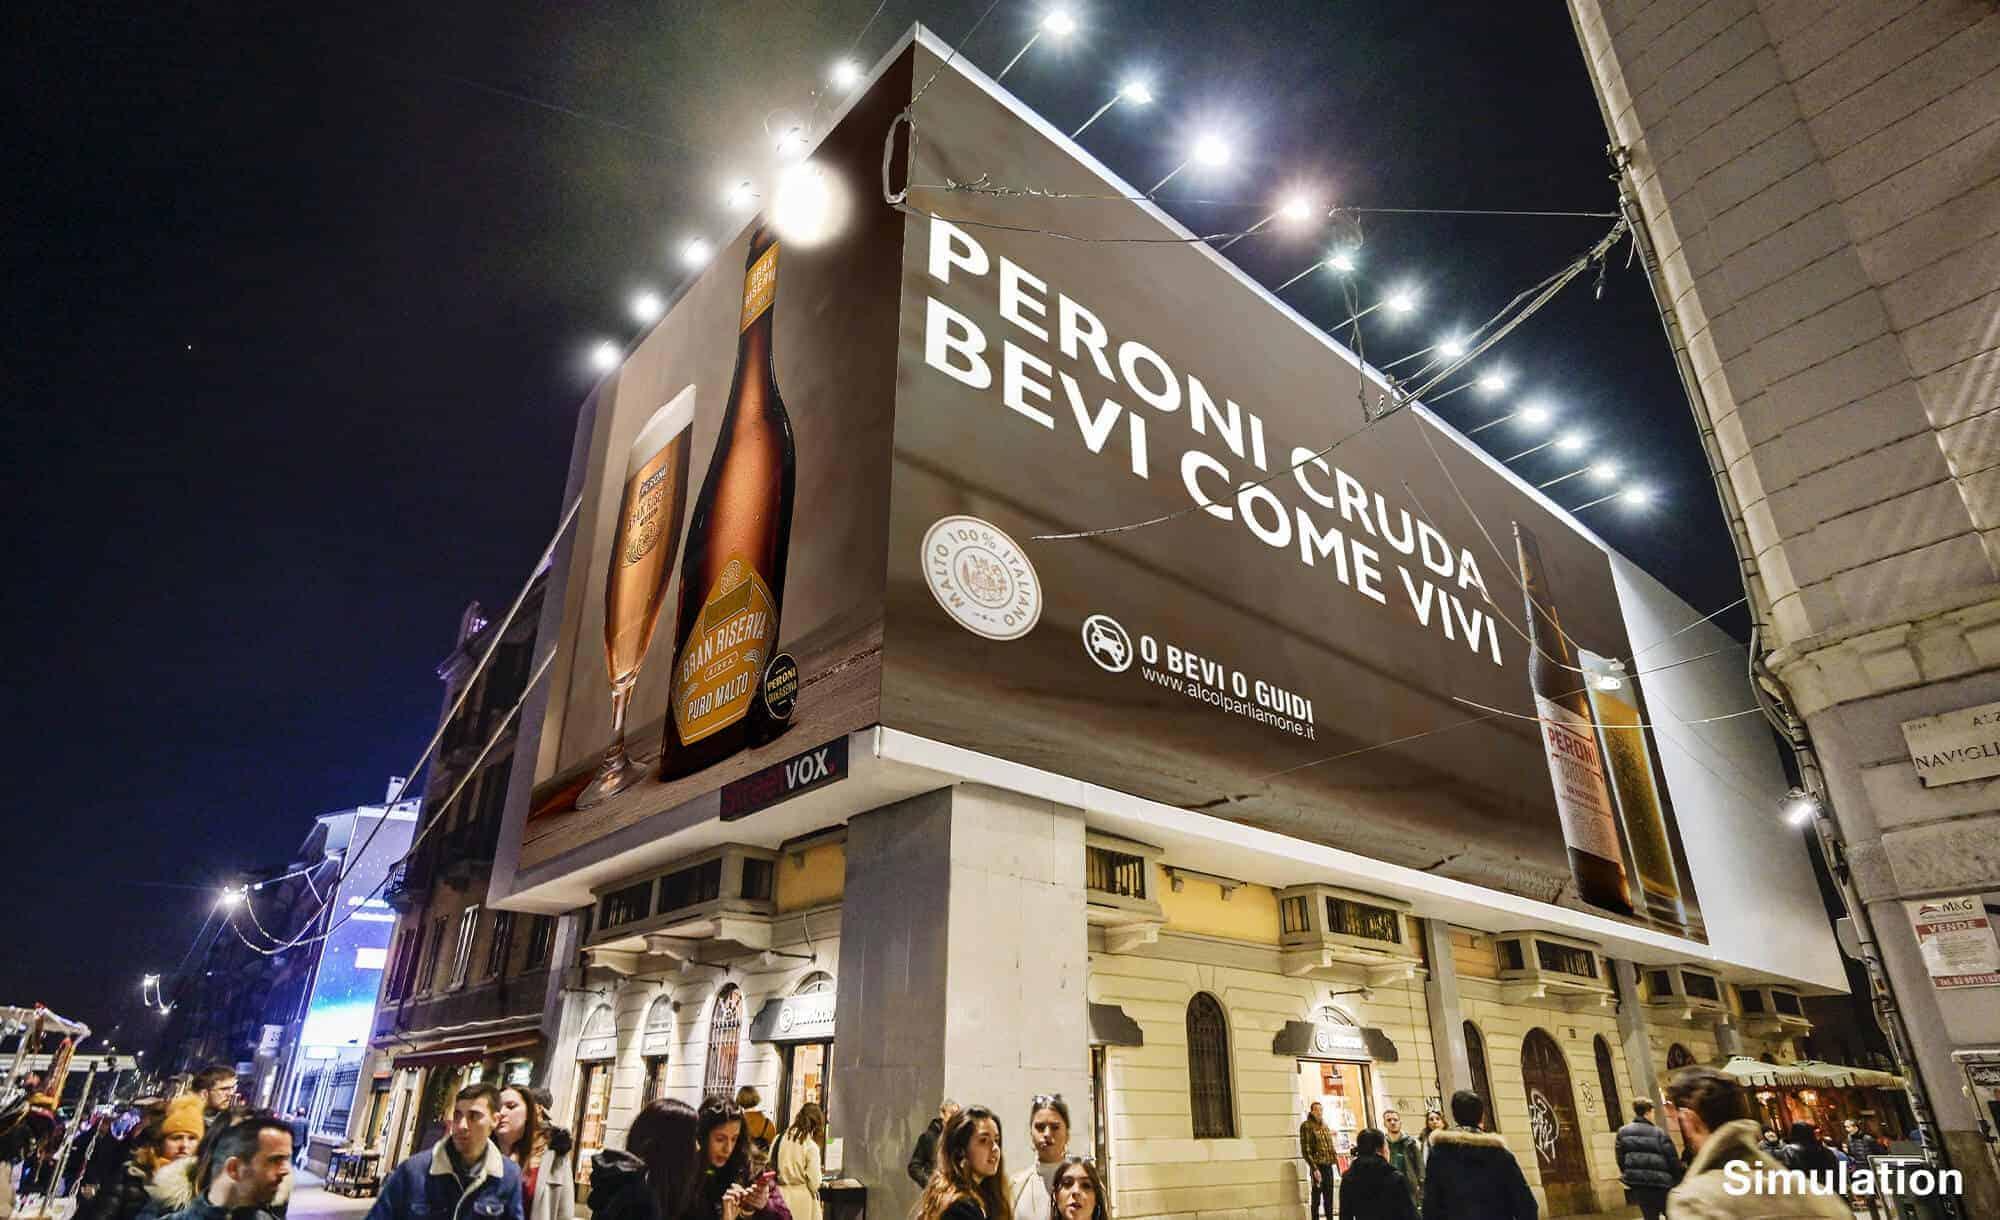 Maxi Affissione a Milano in Via Corsico 12 sui Navigli di Peroni (beverage)